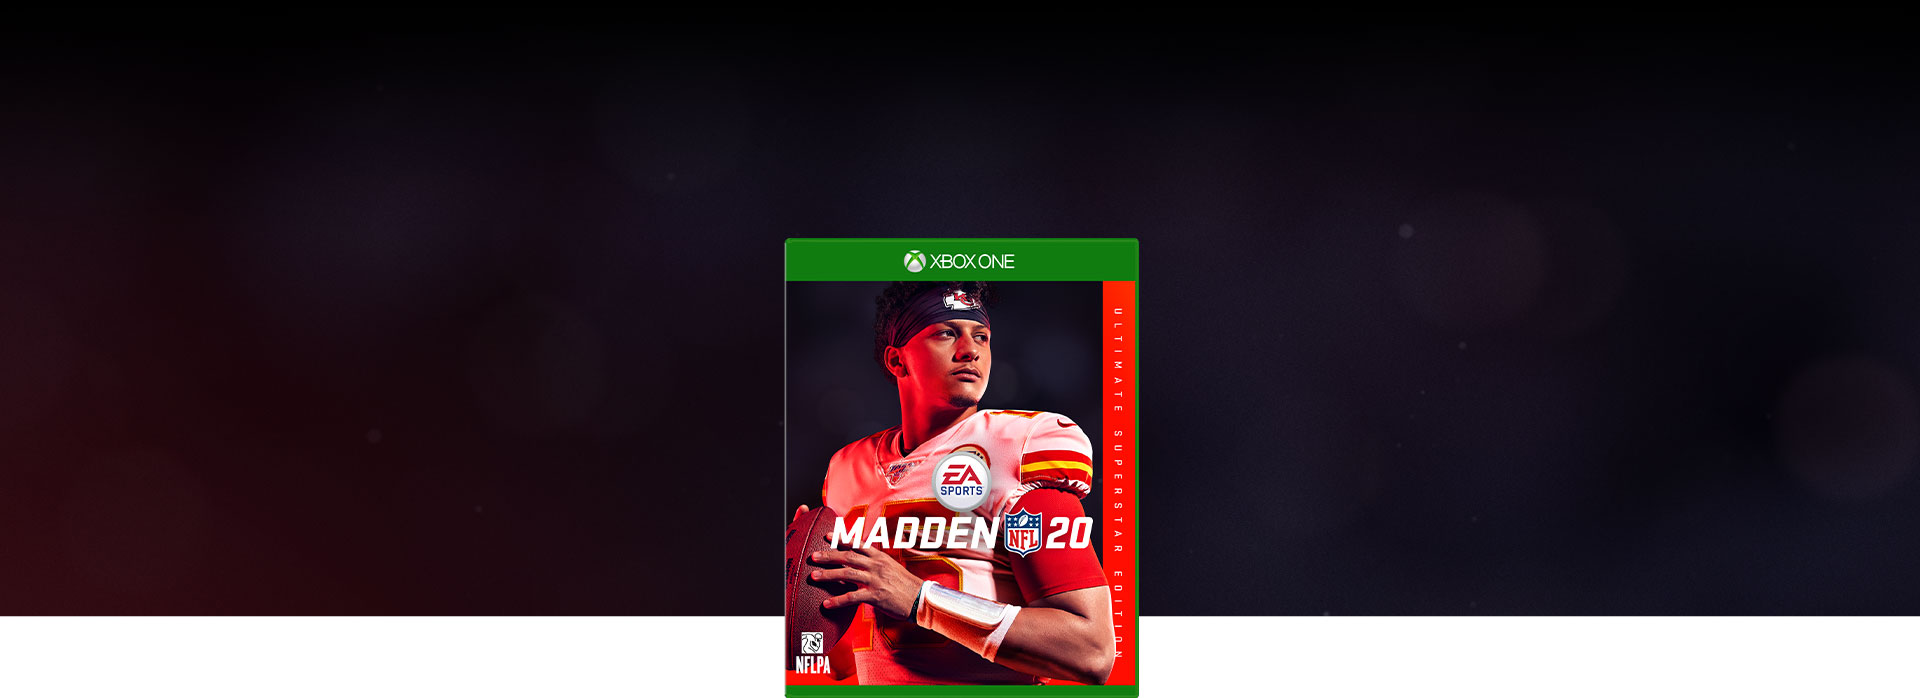 Imagen de la caja de Madden NFL 20, fondo que desvanece de negro a rojo